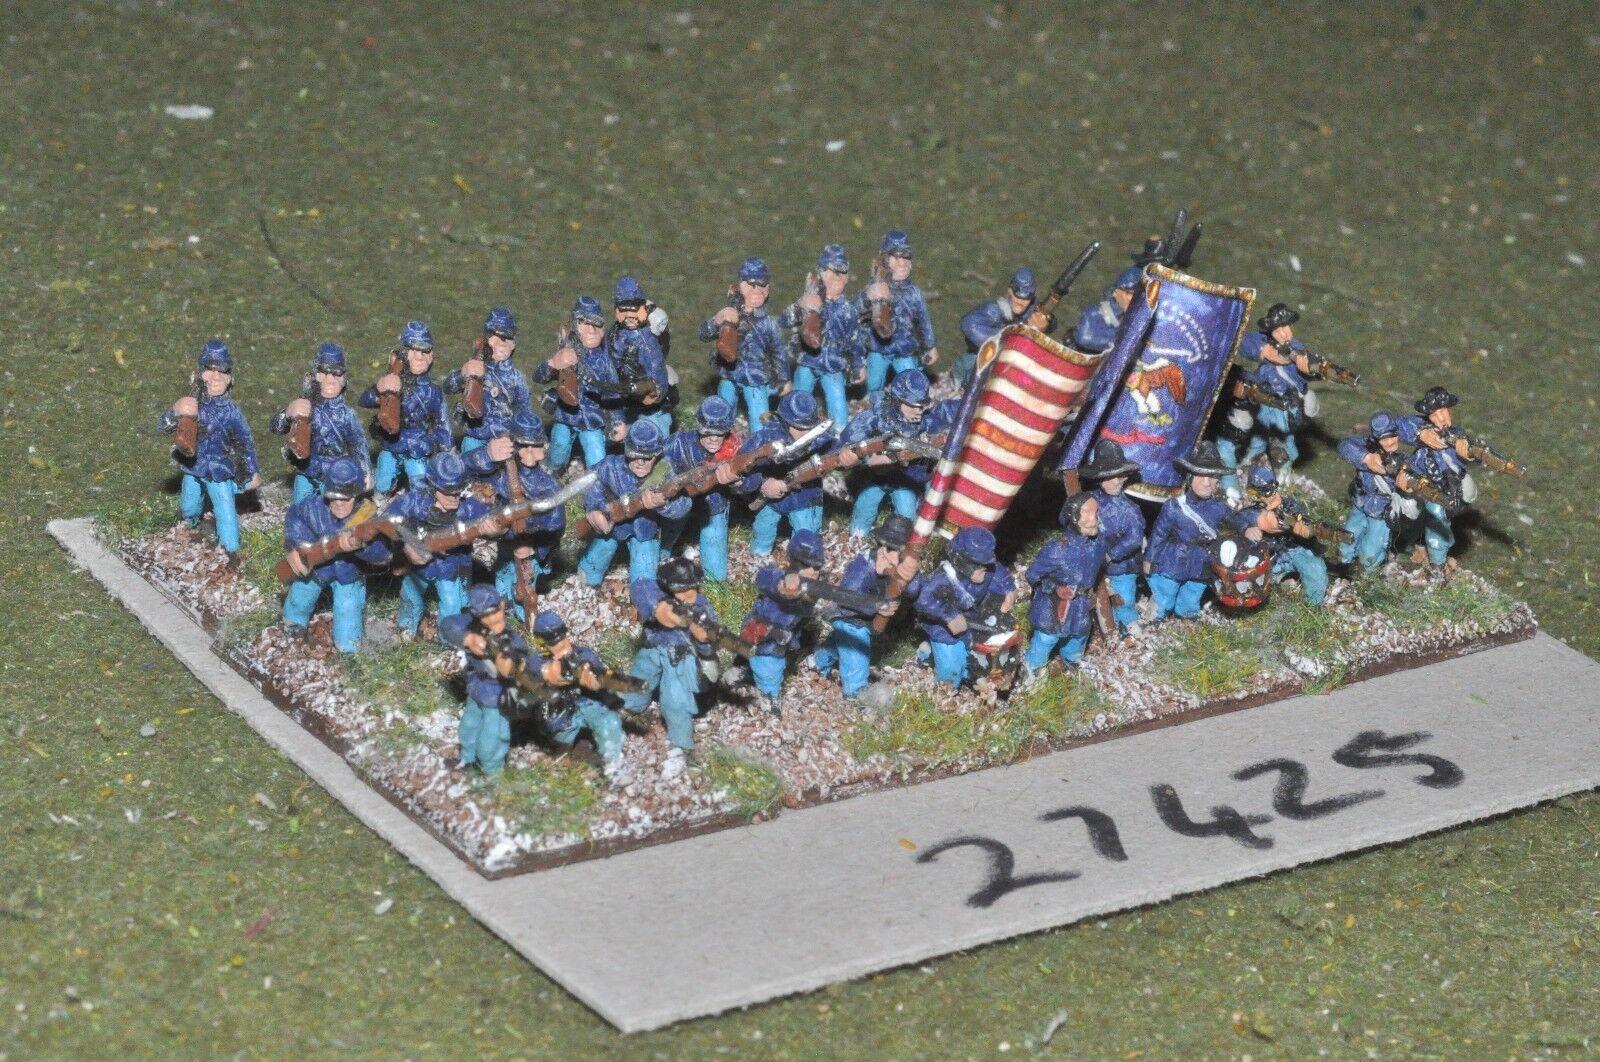 15mm ACW   union - regiment 36 figures - inf (27425)